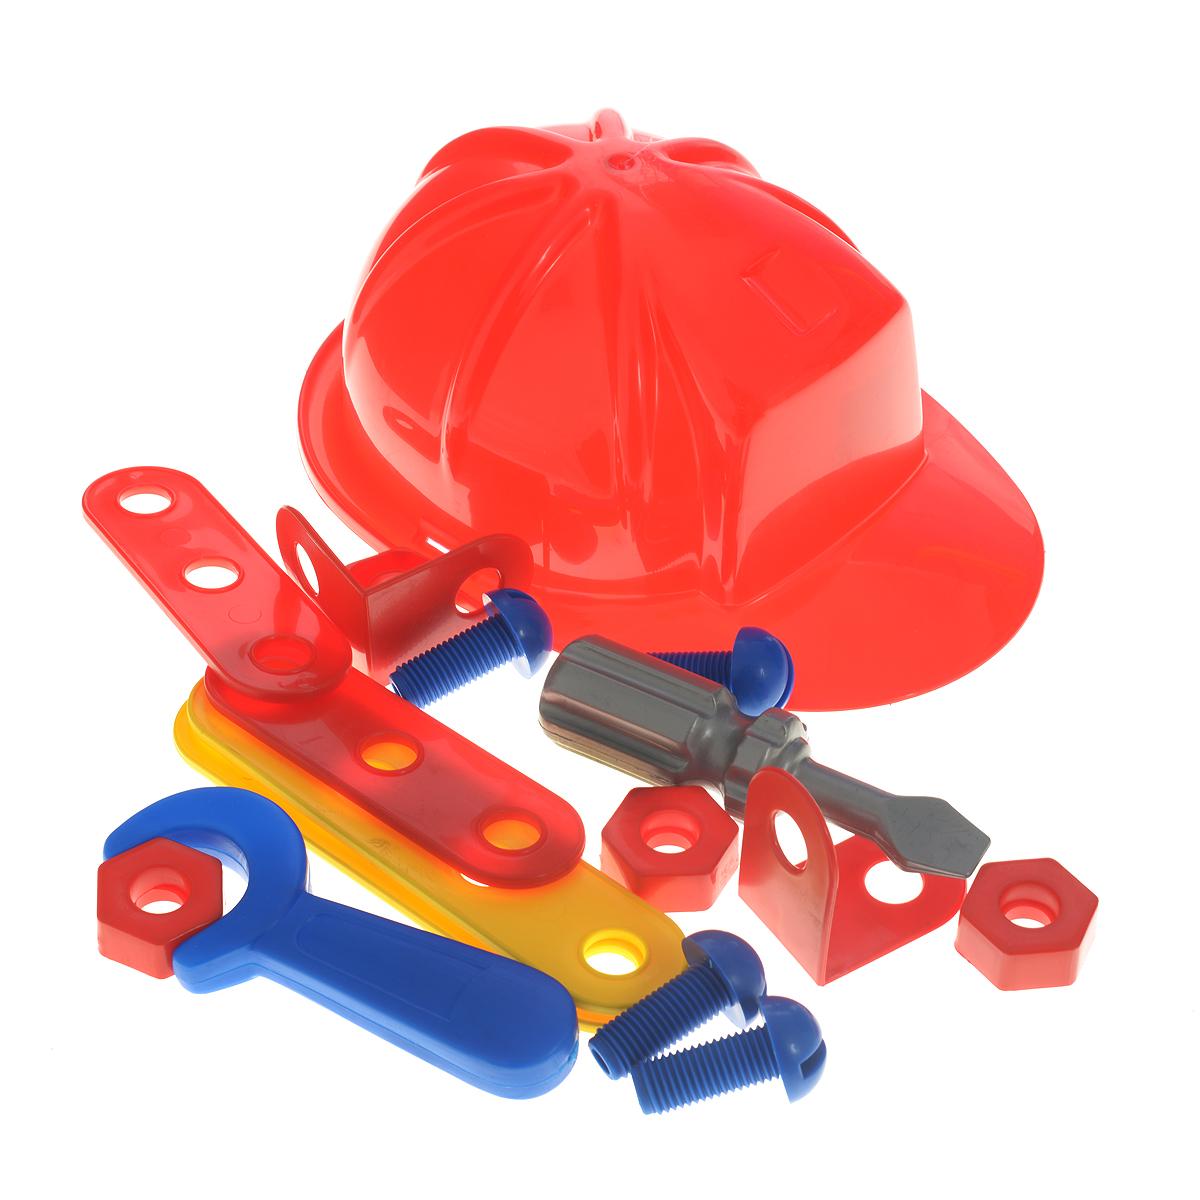 Palau Toys Игровой набор Super Work 17 предметов07/1325Игровой набор Palau Toys Super Work обязательно привлечет внимание вашего малыша. Набор включает в себя планки с отверстиями (2 коротких, 2 длинных), 2 угловых элемента, 4 гайки, 4 болта, отвертку и гаечный ключ, а также строительную каску для маленького работника. Все элементы набора имеют увеличенные размеры специально для маленьких пальчиков малыша. Ребенку не составит труда собирать и разбирать разнообразные поделки. Такой набор можно брать с собой на прогулку, ведь все инструменты аккуратно размещены в небольшом, но вместительном чемоданчике с удобной ручкой для переноски. Ваш малыш почувствует себя настоящим строителем! С таким набором ваш ребенок весело проведет время, играя на детской площадке или в песочнице. Процесс сборки поделок поможет малышу развить мелкую моторику пальчиков, внимательность и усидчивость. Порадуйте своего малыша таким чудесным подарком!